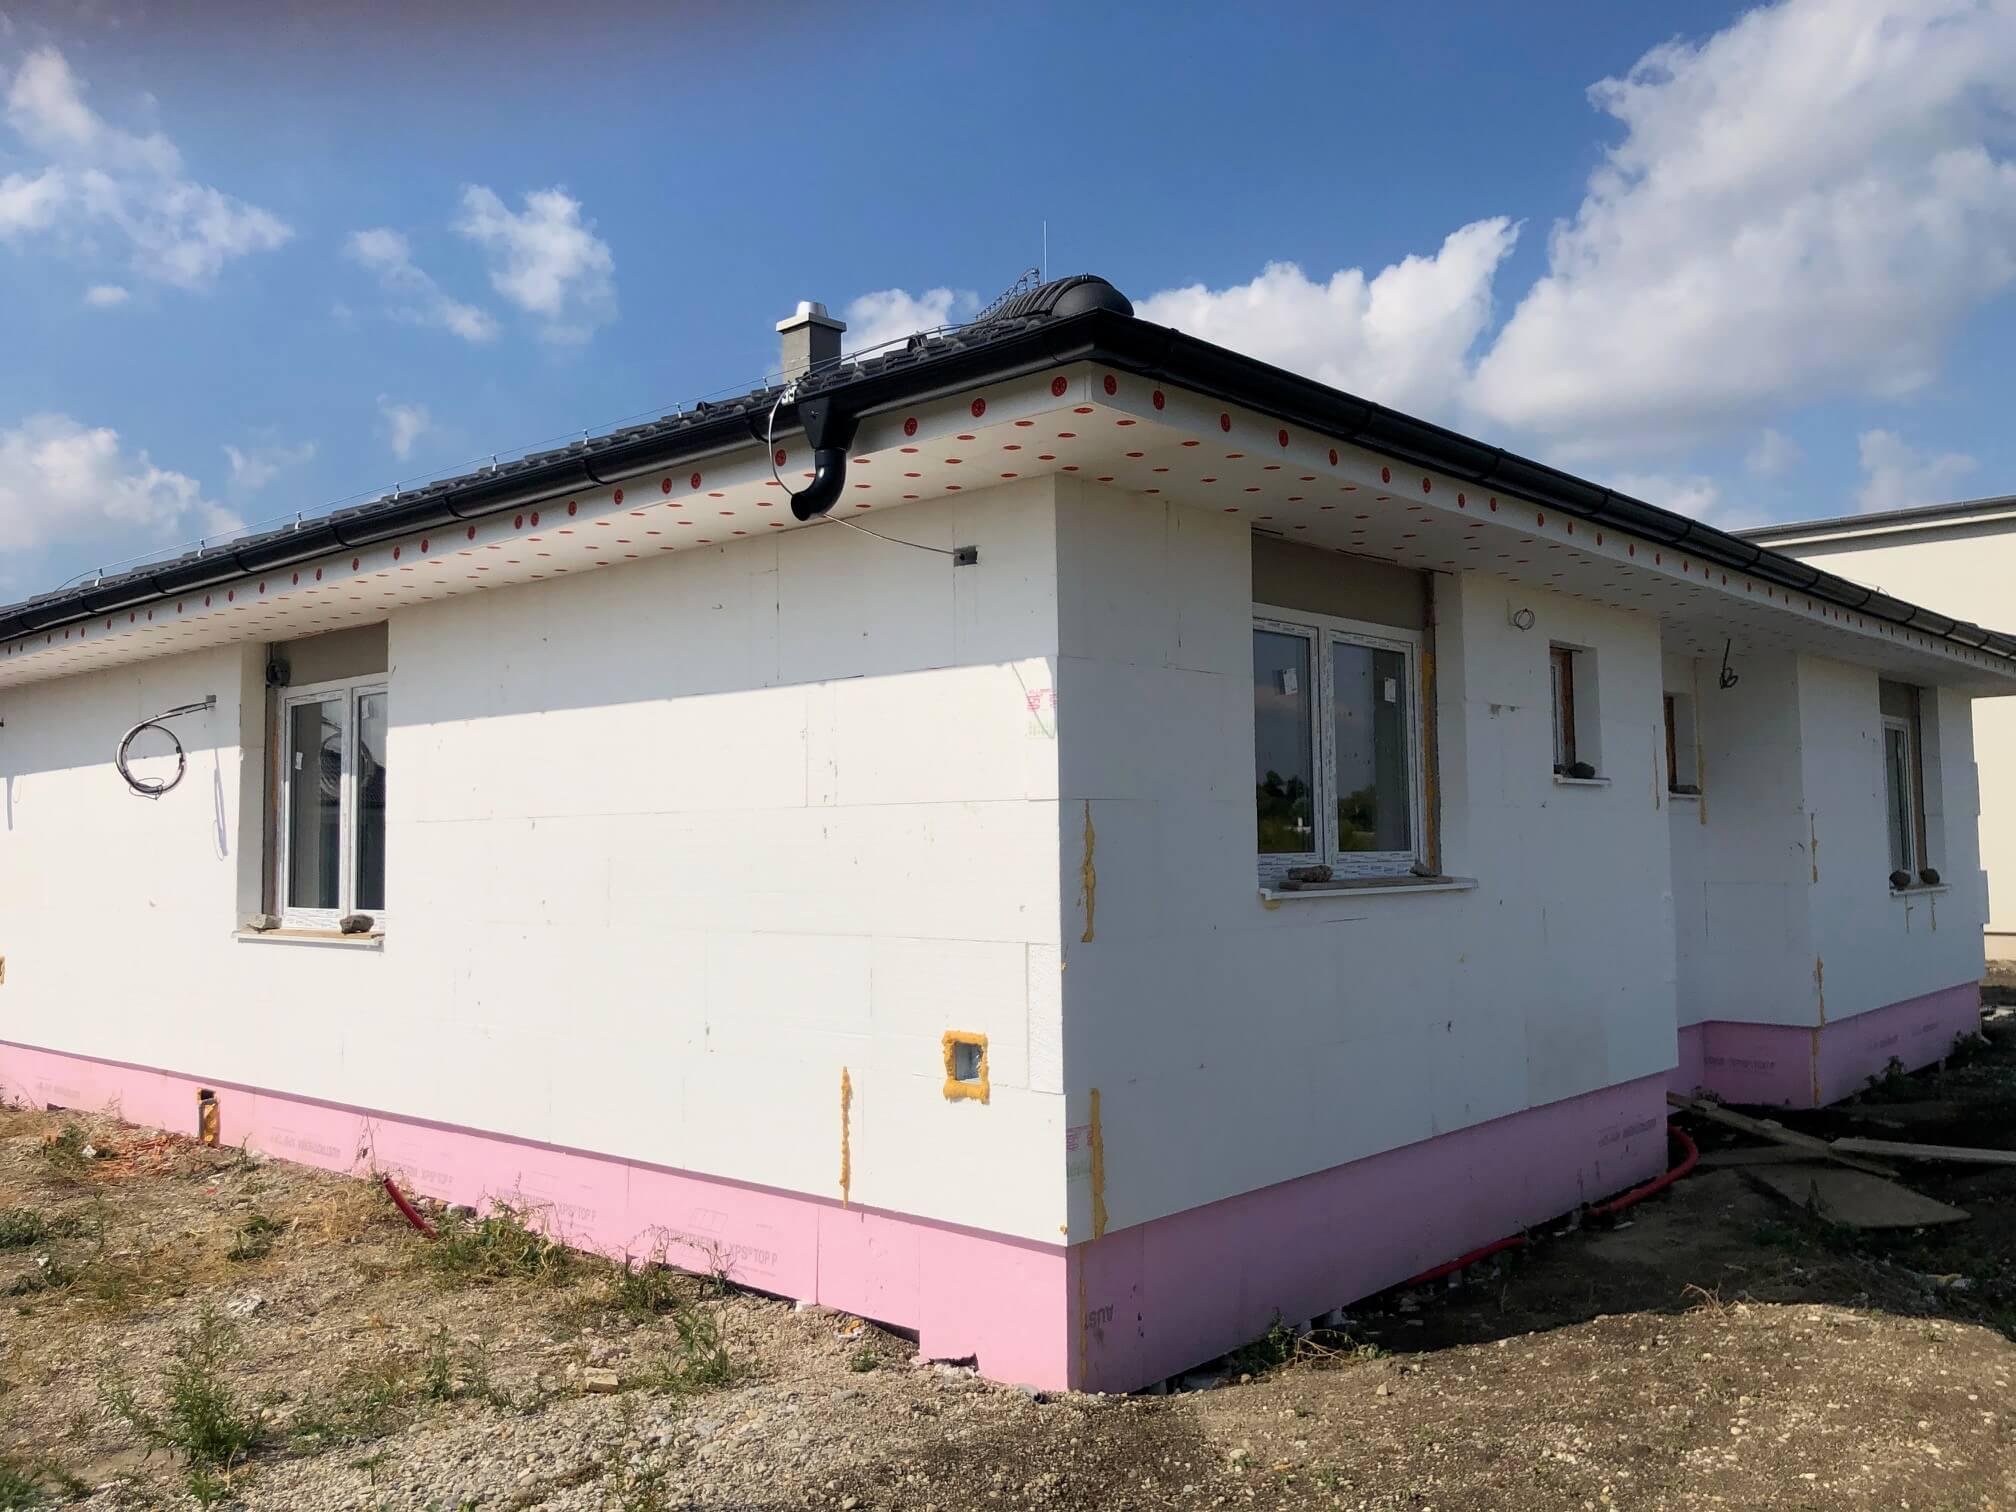 Predané: Exkluzívne 4 izbový Rodinný dom BUNGALOV 116m2, Miloslavov, pozemok 600m2-3